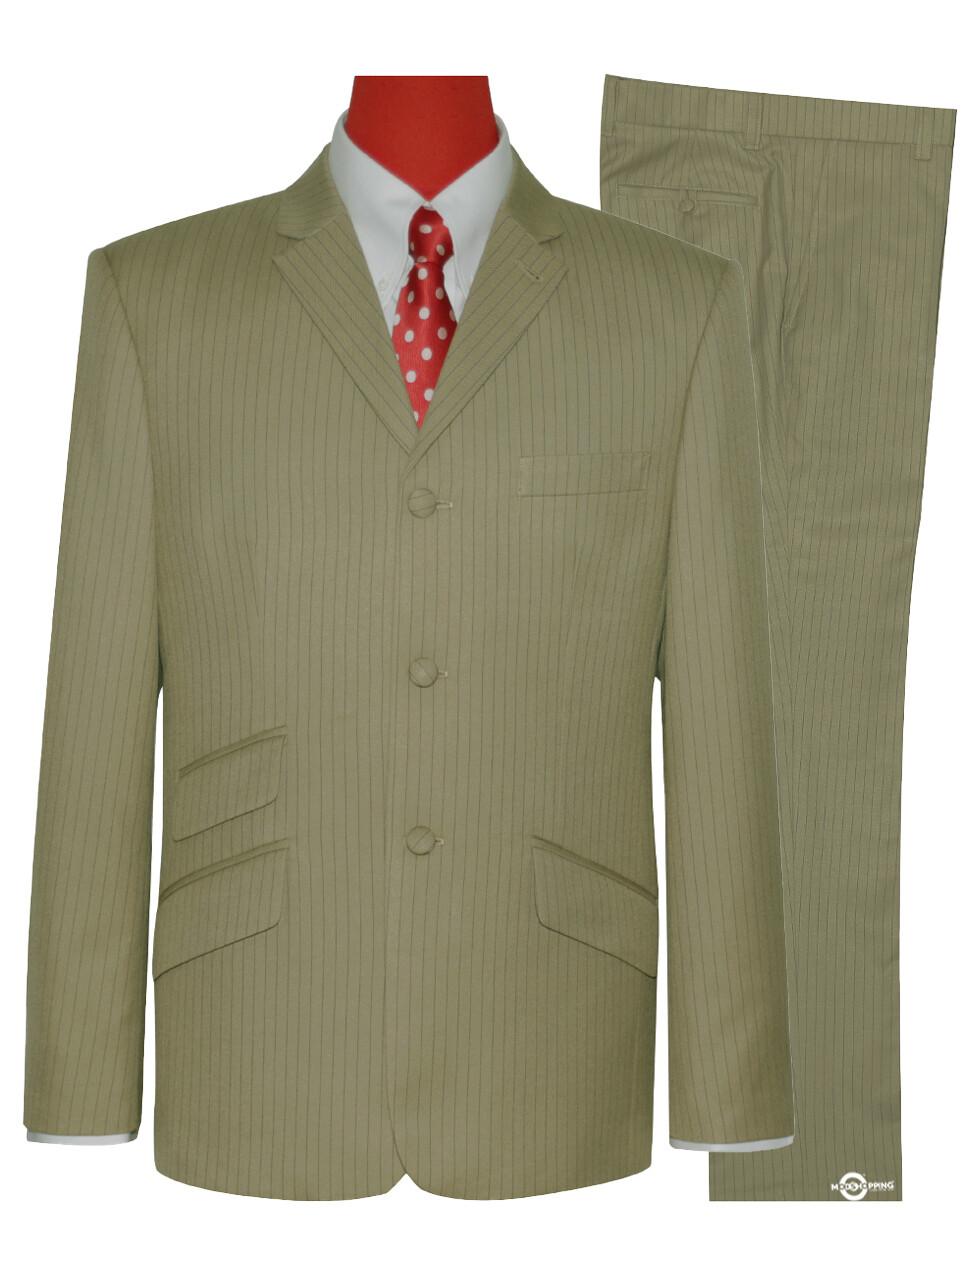 Mod Suit | Khaki Pinstripe Suit For Man